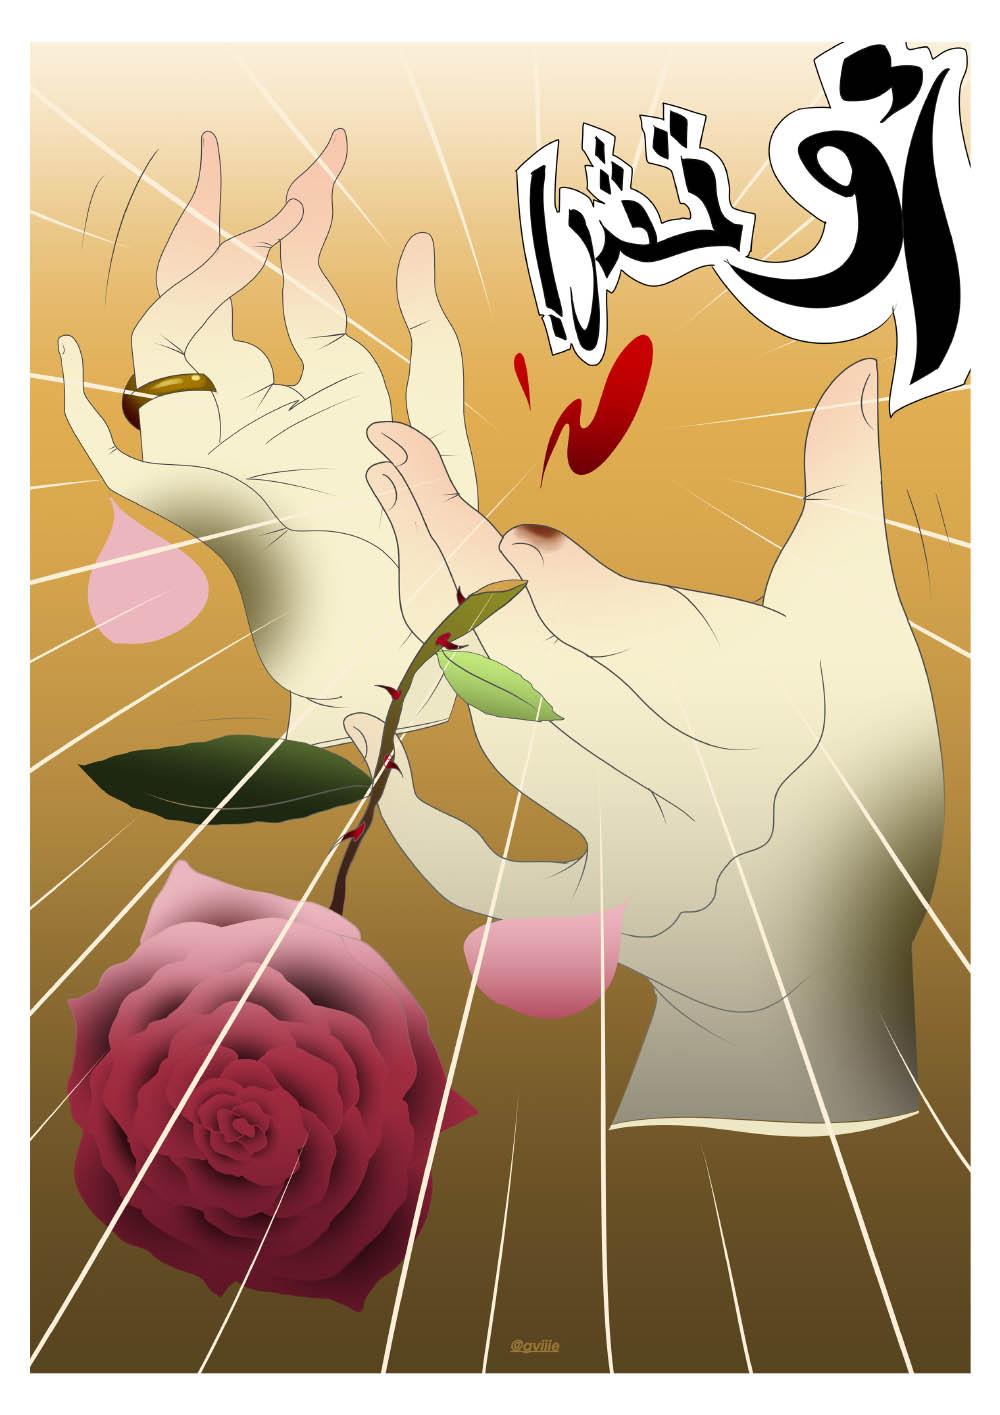 002 A RoseI s A Rose.jpg